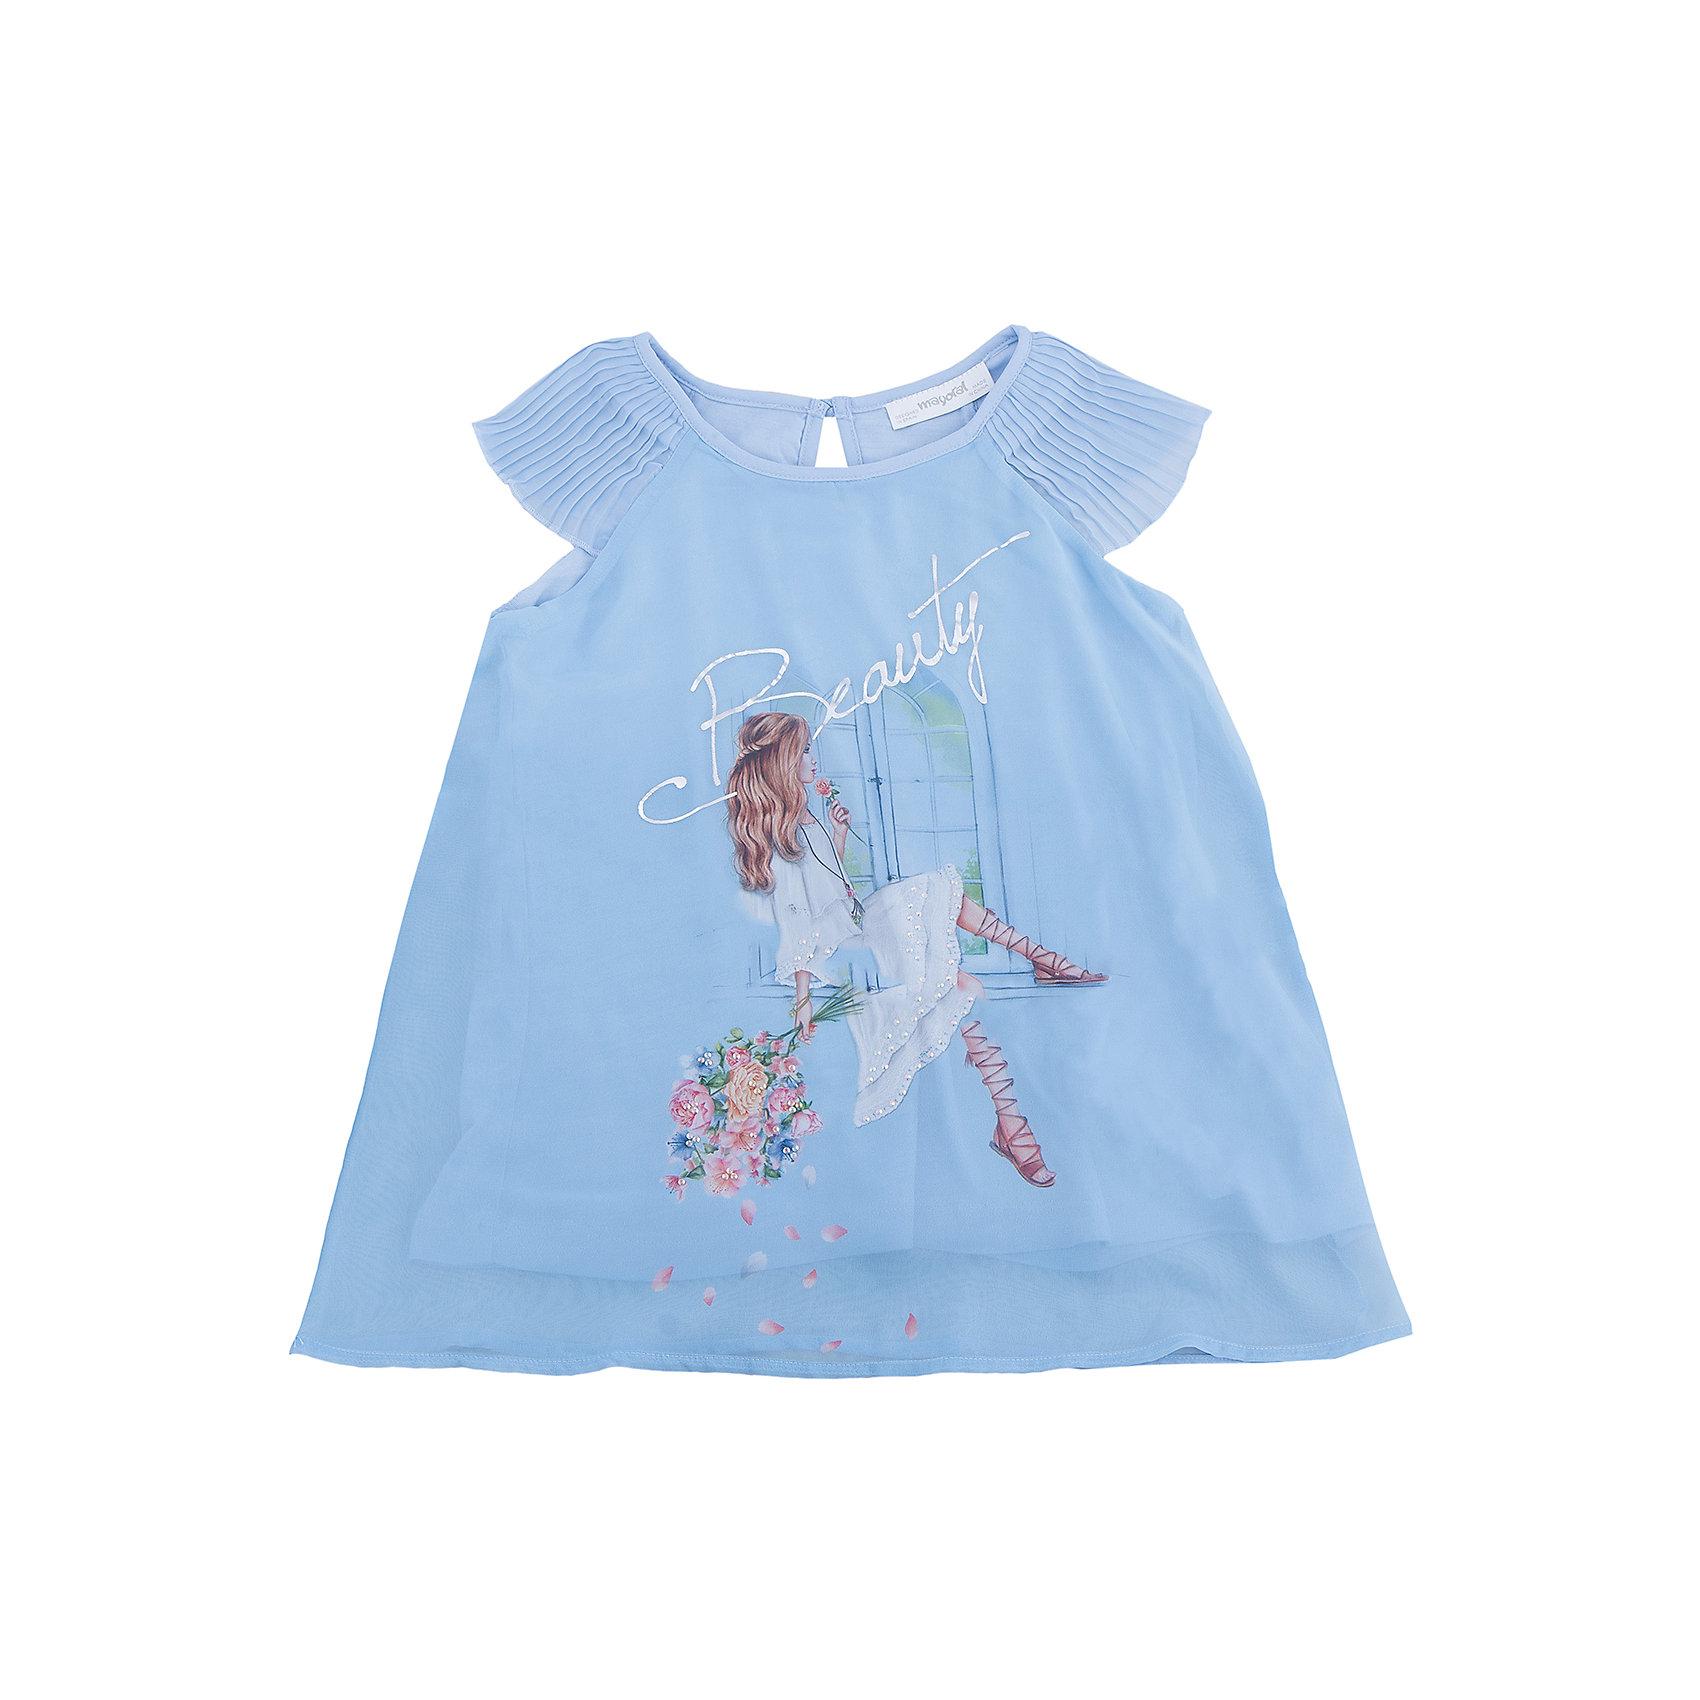 Блузка для девочки MayoralБлузки и рубашки<br>Характеристики товара:<br><br>• цвет: голубой<br>• состав: 100% полиэстер<br>• подкладка: 100% вискоза<br>• плечи открыты<br>• пуговица сзади<br>• страна бренда: Испания<br><br>Симпатичная качественная блузка для девочки поможет разнообразить гардероб ребенка и украсить наряд. Интересная отделка модели делает её нарядной и оригинальной. <br><br>Блузку для девочки от испанского бренда Mayoral (Майорал) можно купить в нашем интернет-магазине.<br><br>Ширина мм: 186<br>Глубина мм: 87<br>Высота мм: 198<br>Вес г: 197<br>Цвет: голубой<br>Возраст от месяцев: 108<br>Возраст до месяцев: 120<br>Пол: Женский<br>Возраст: Детский<br>Размер: 140,164,128/134,152,158<br>SKU: 5300862